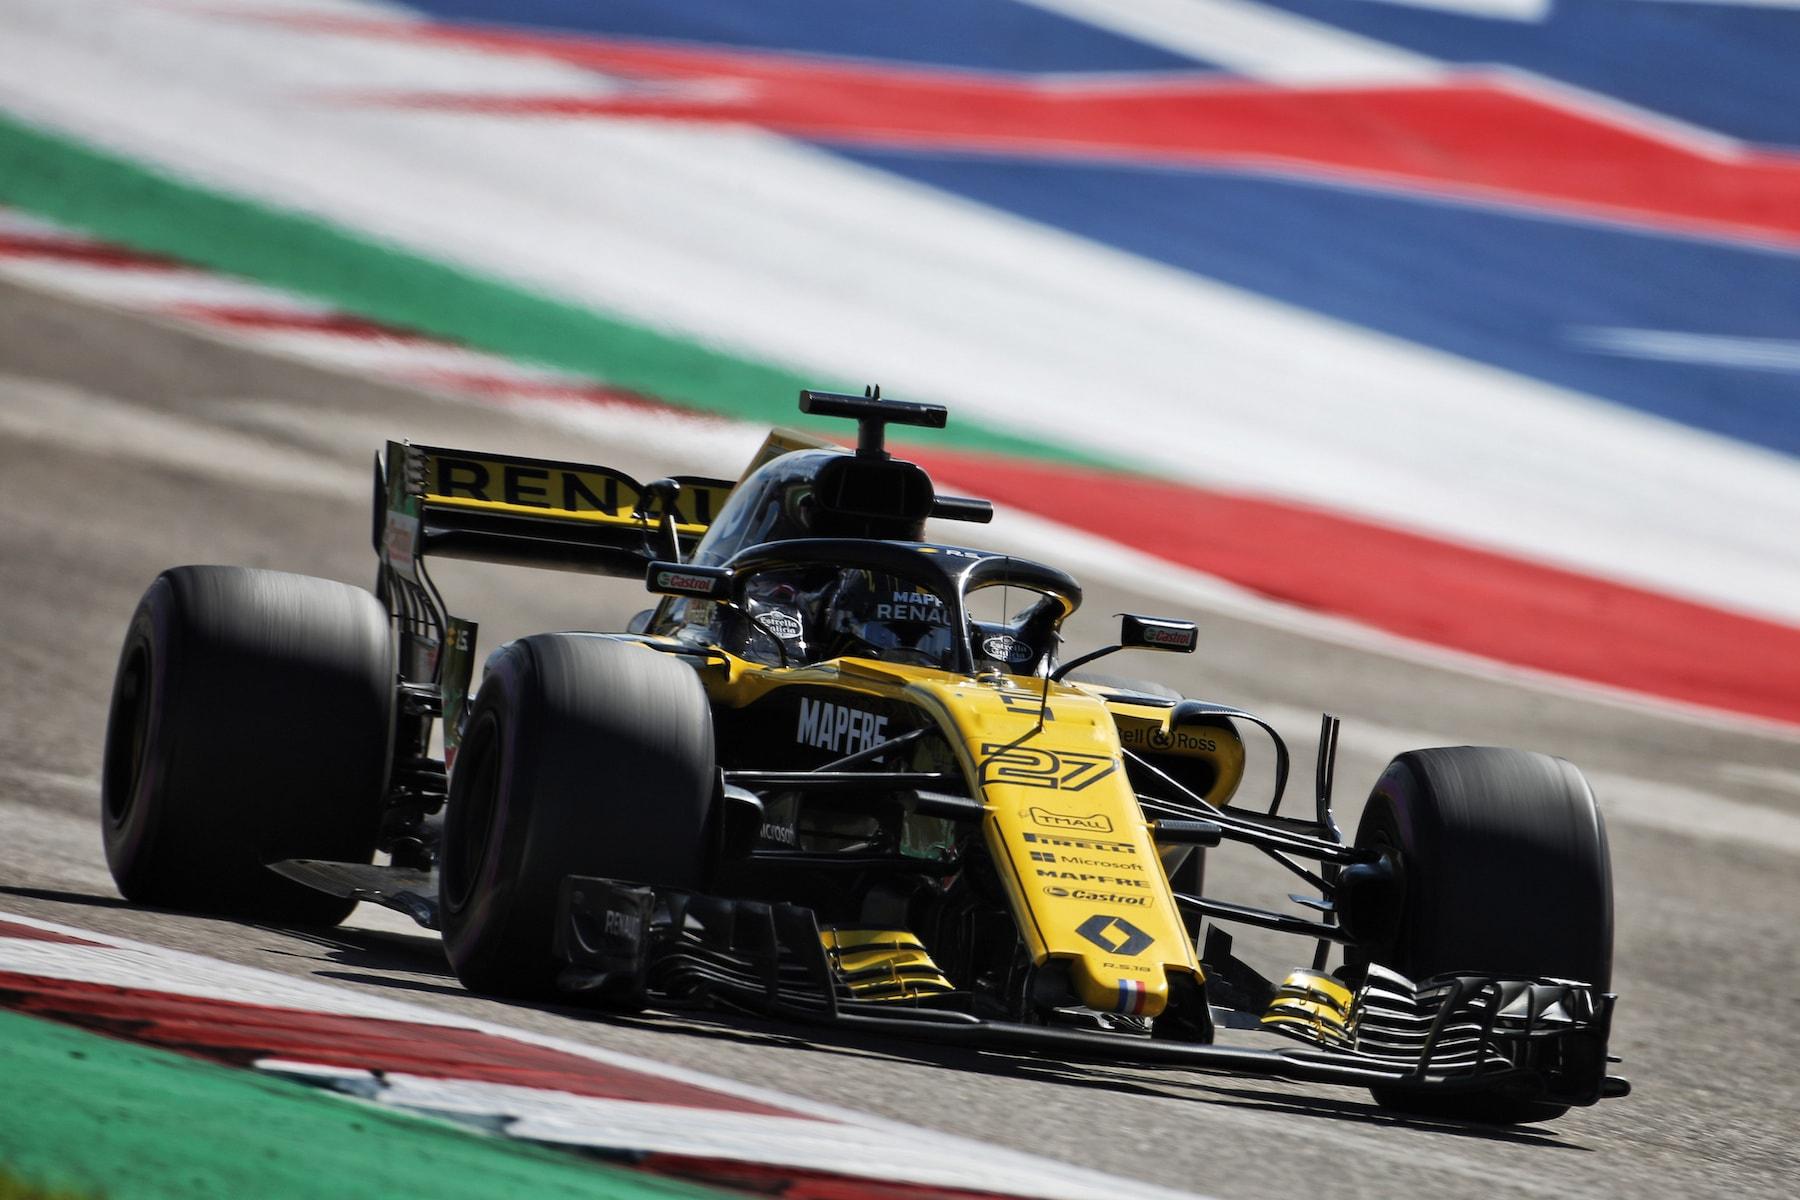 G 2018 Carlos Sainz | Renault RS18 | 2018 USGP 2 copy.jpg